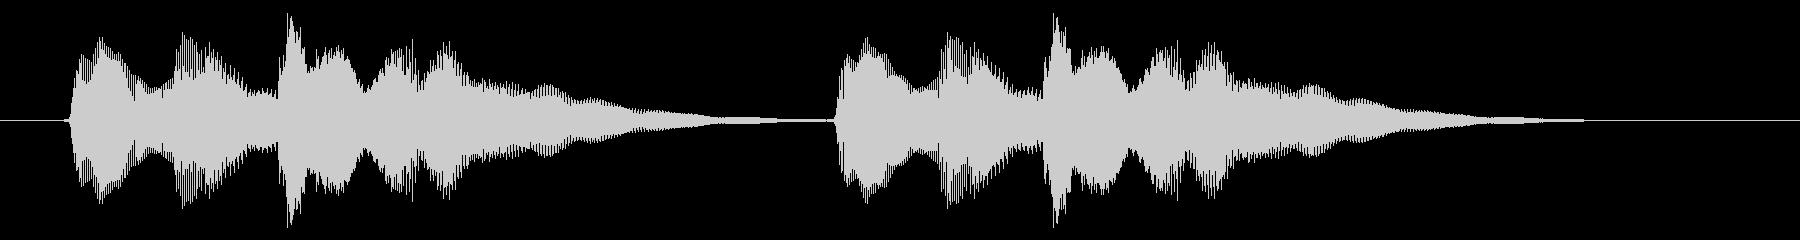 ニュース アラート03-4(遠い)の未再生の波形